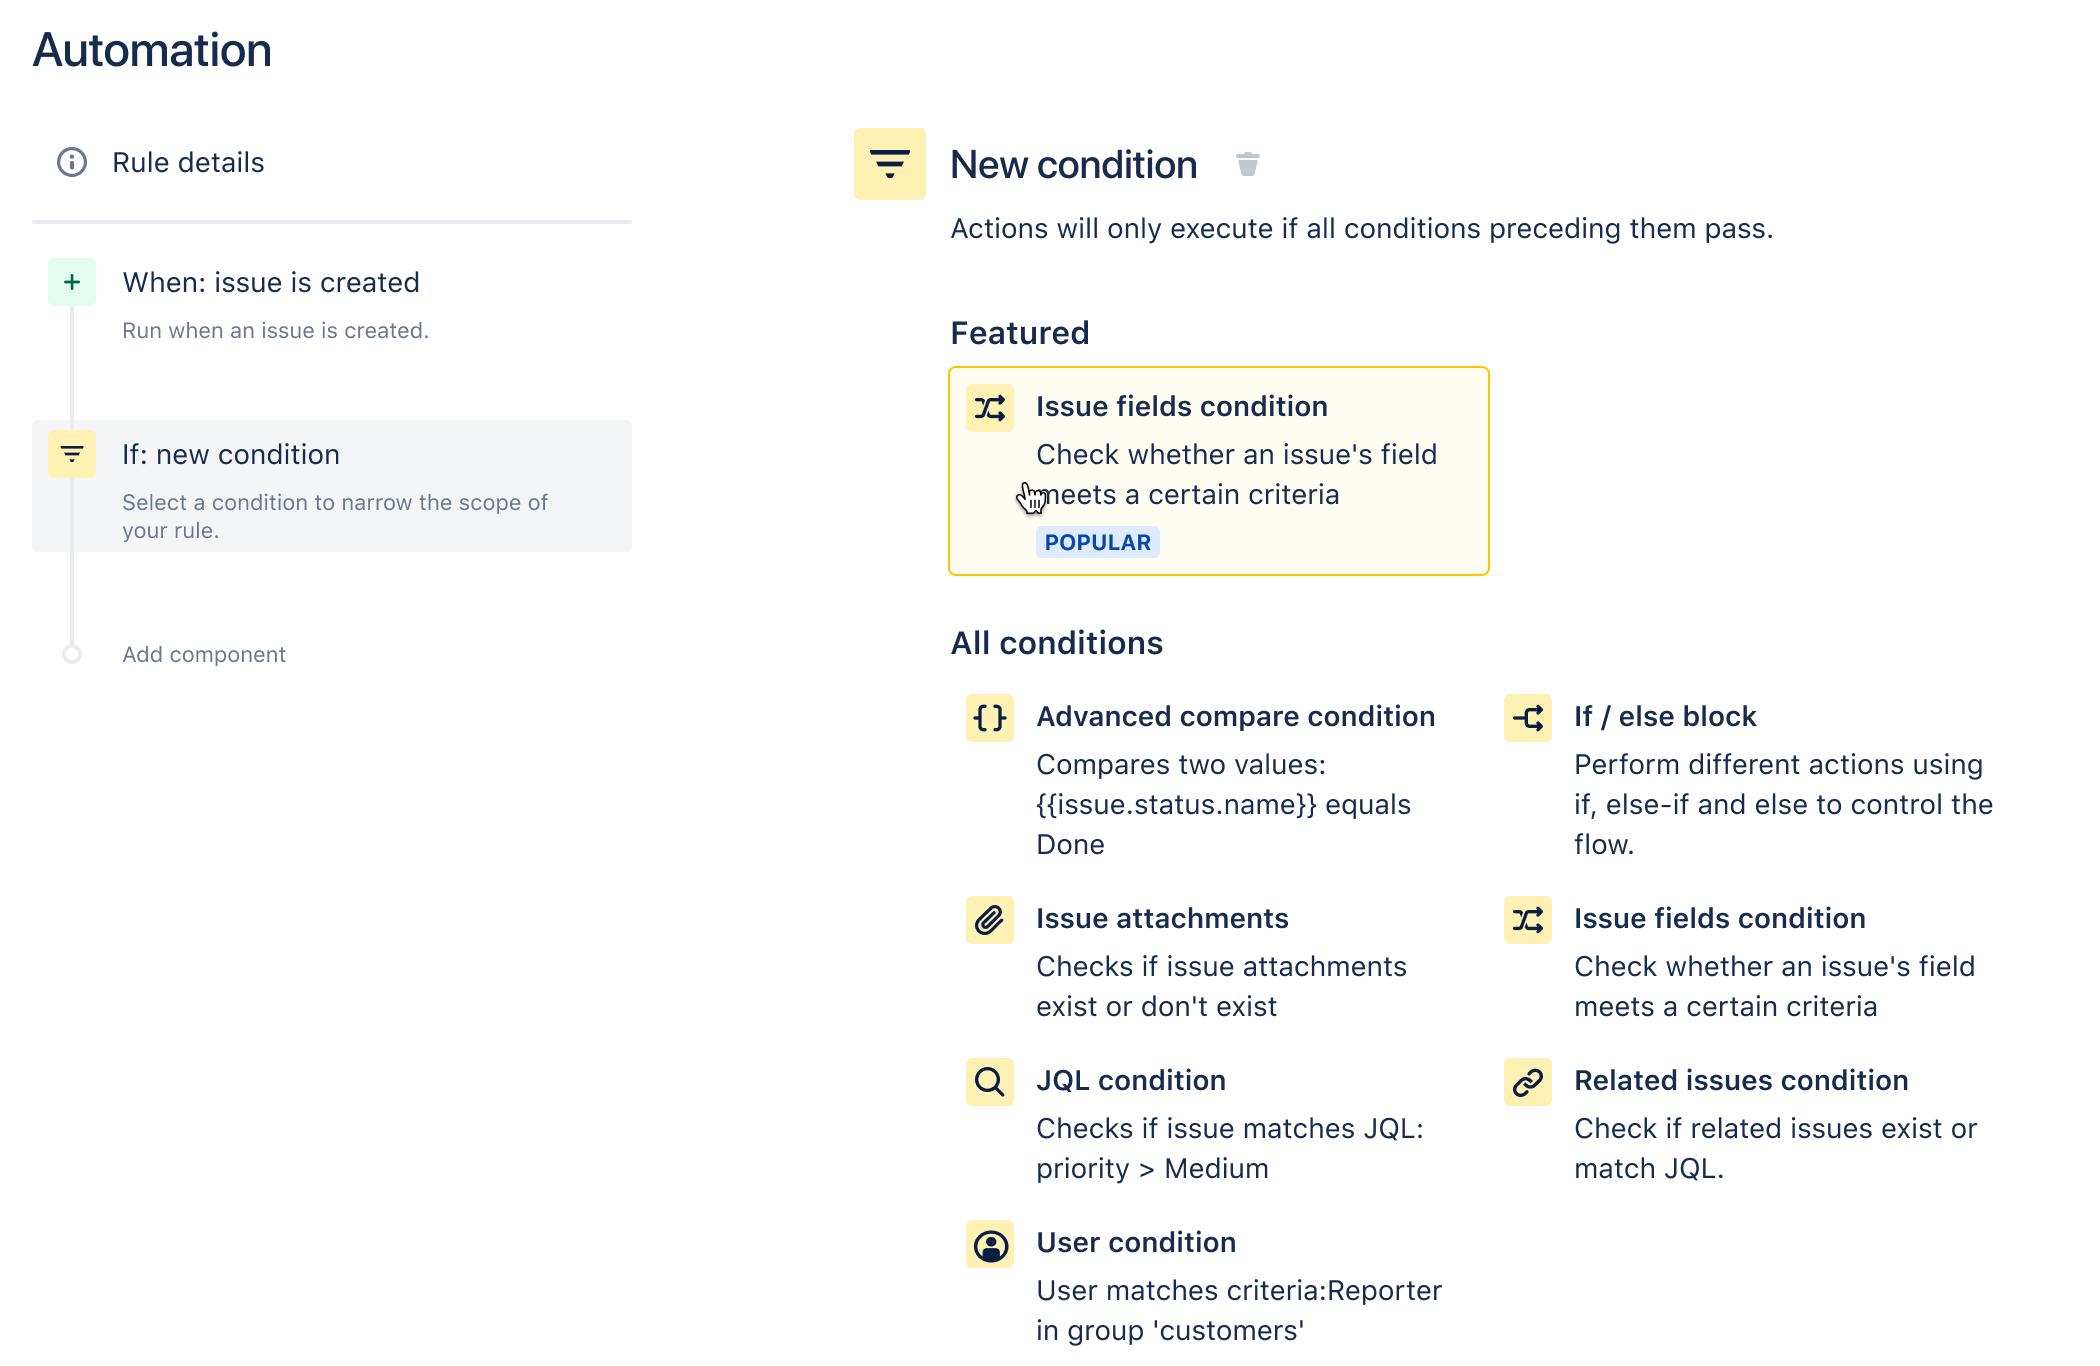 Lista warunków dostępnych podczas tworzenia reguły.